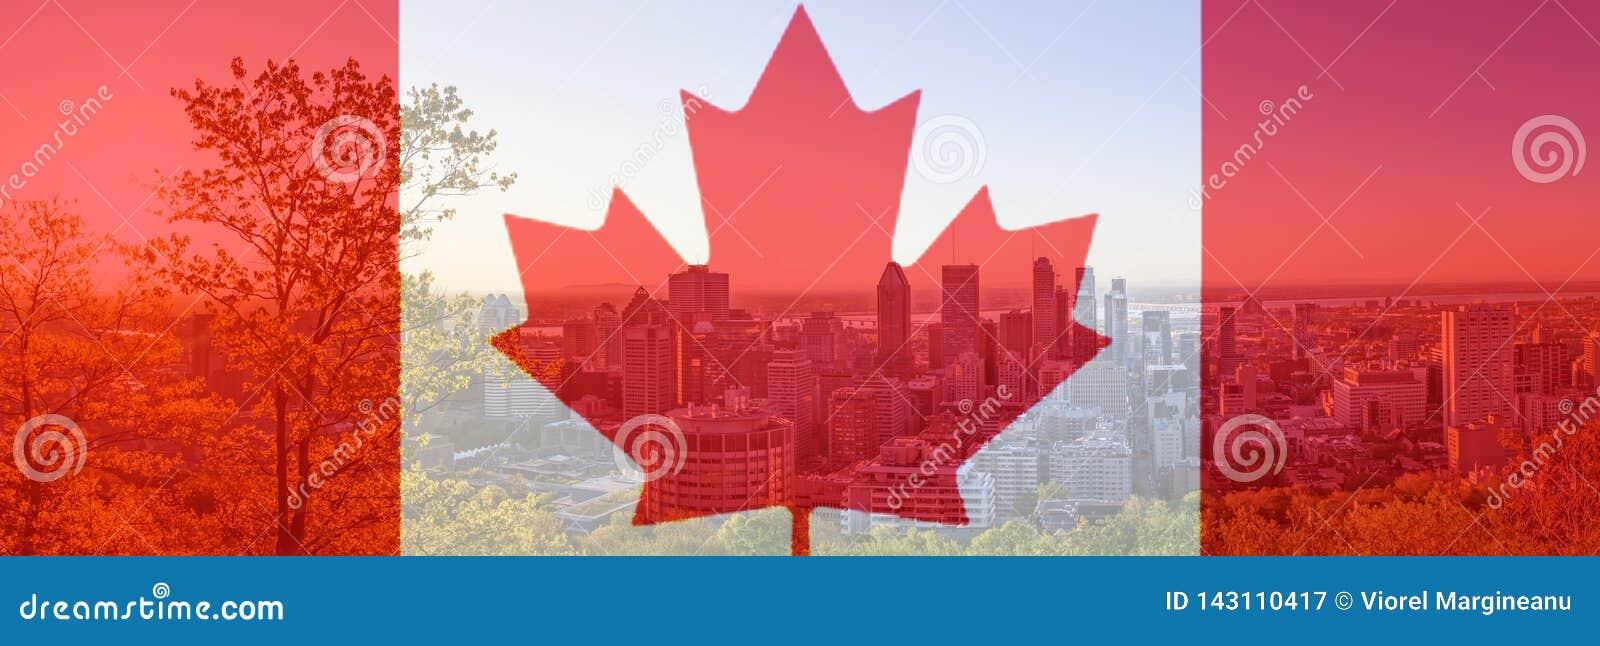 De Dagvlag van Canada met esdoornblad op achtergrond van de stad van Montreal Rood Canadees symbool over gebouwen van de stad van